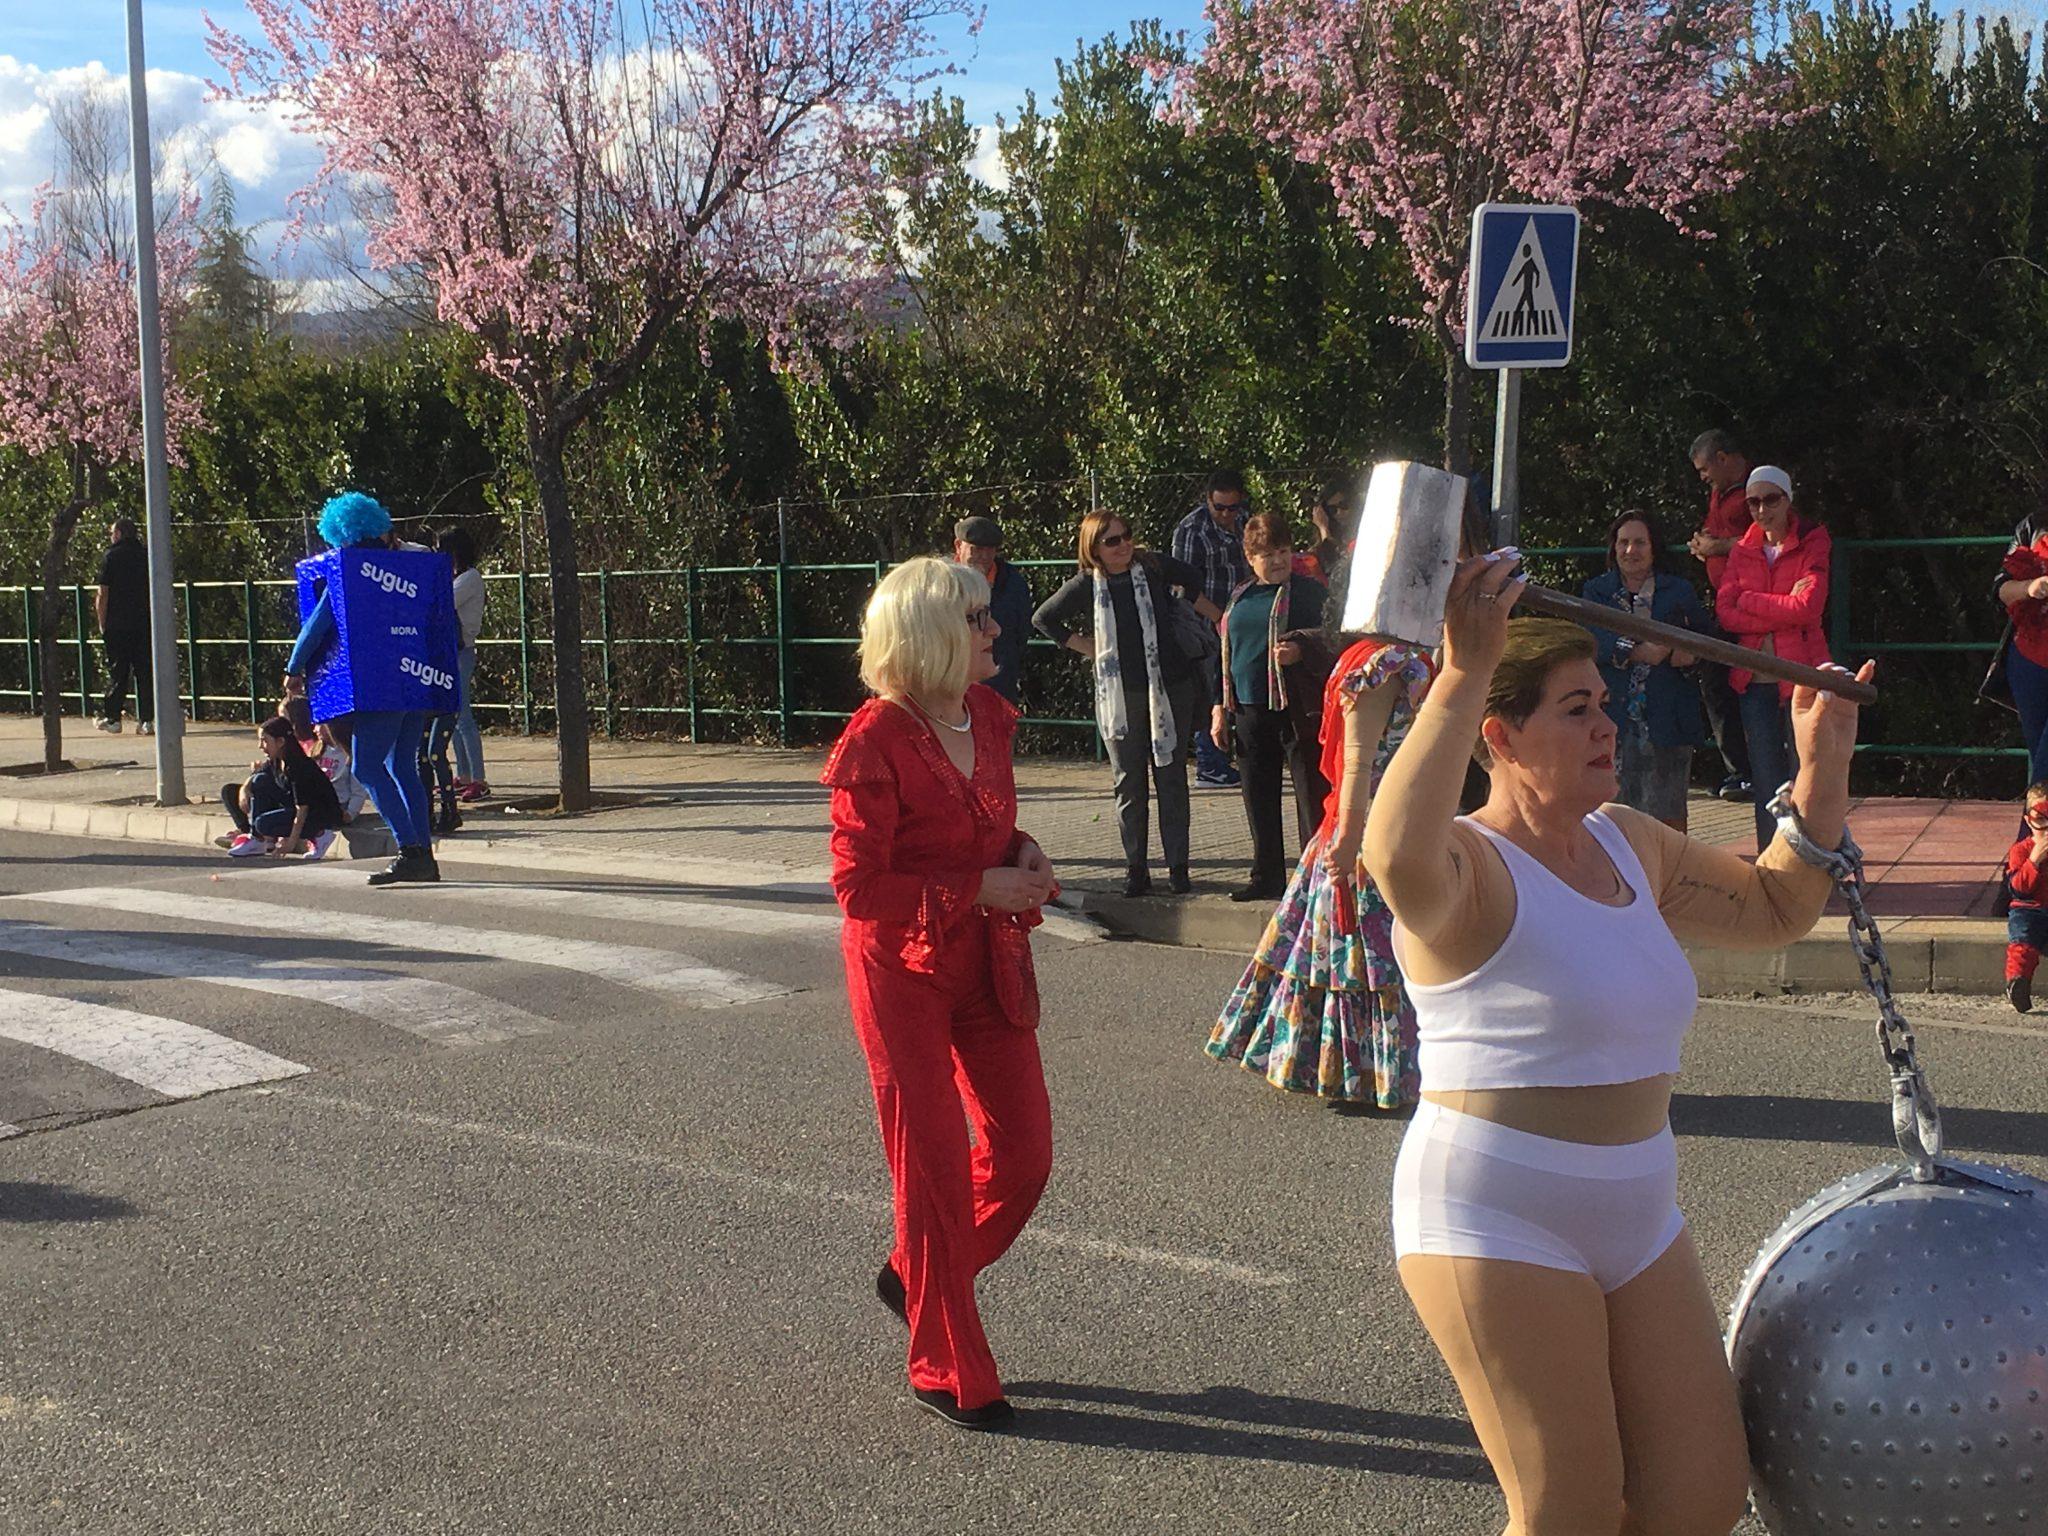 Desfile de Carnaval Cubillos del Sil 2019 - Álbum de fotos 24